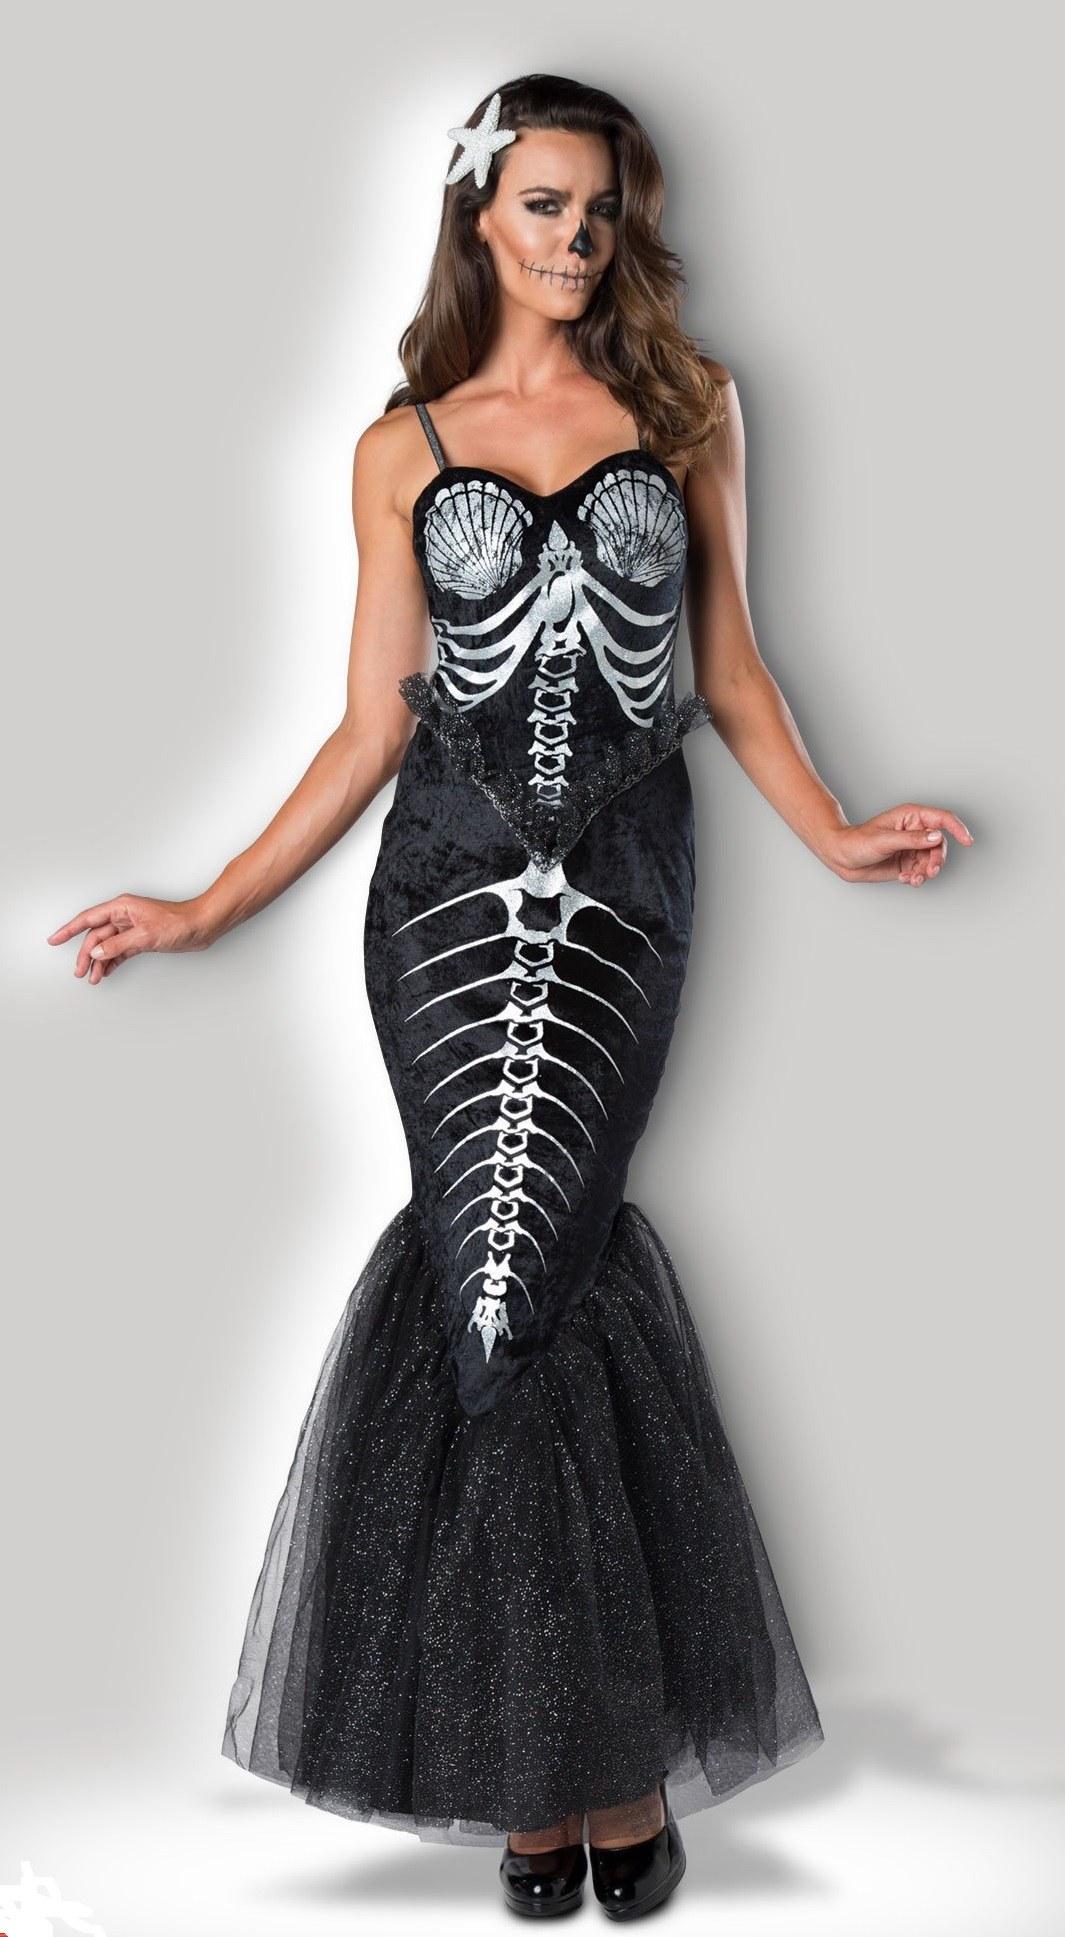 Ladies Skeleton Mermaid